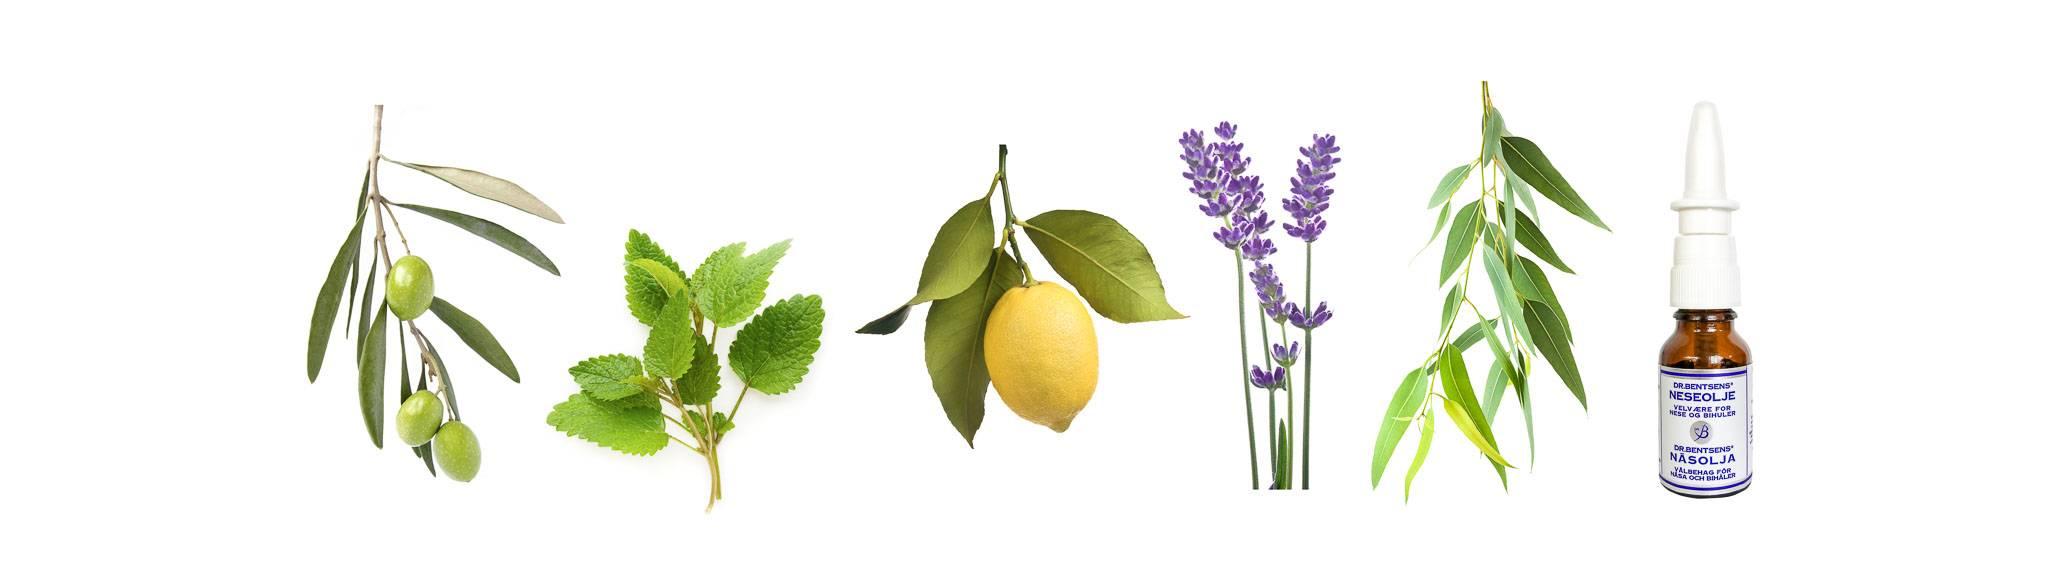 Bilde av planter og neseolje